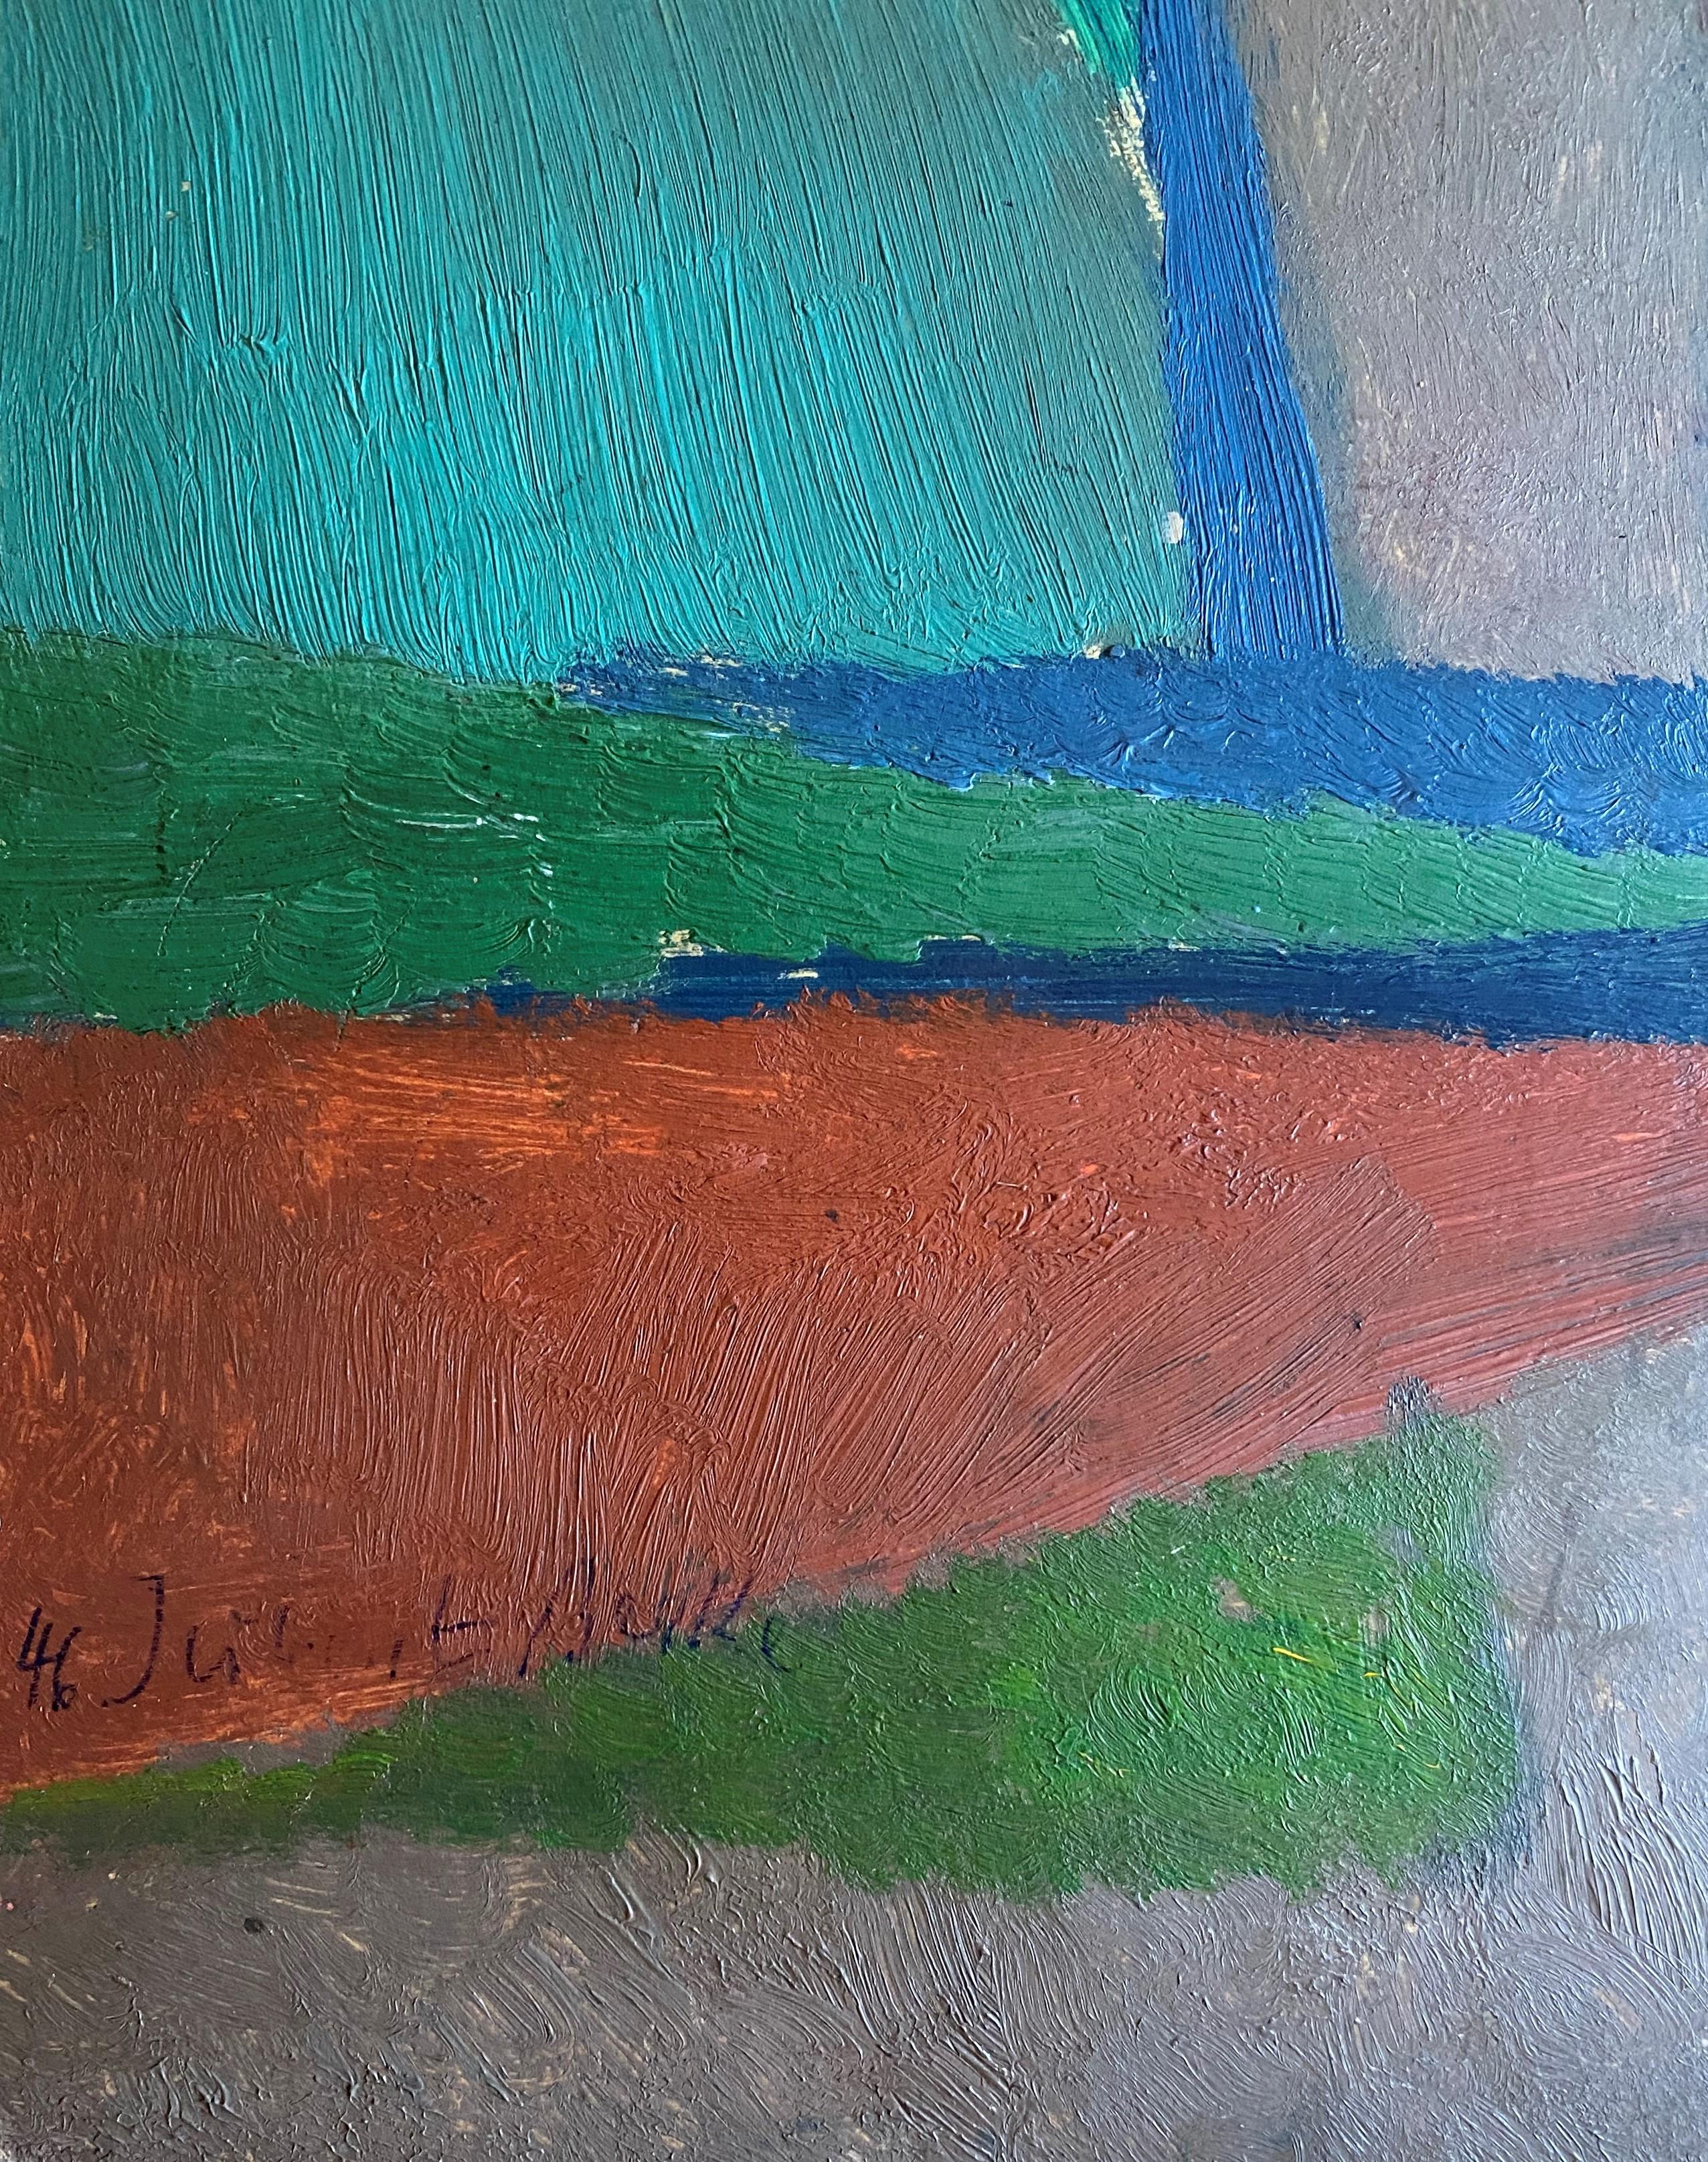 Hubert Berke (German, 1908–1979) (AR), untitled, 1946, oil on cardboard, 48 x 30 cm. - Image 2 of 2